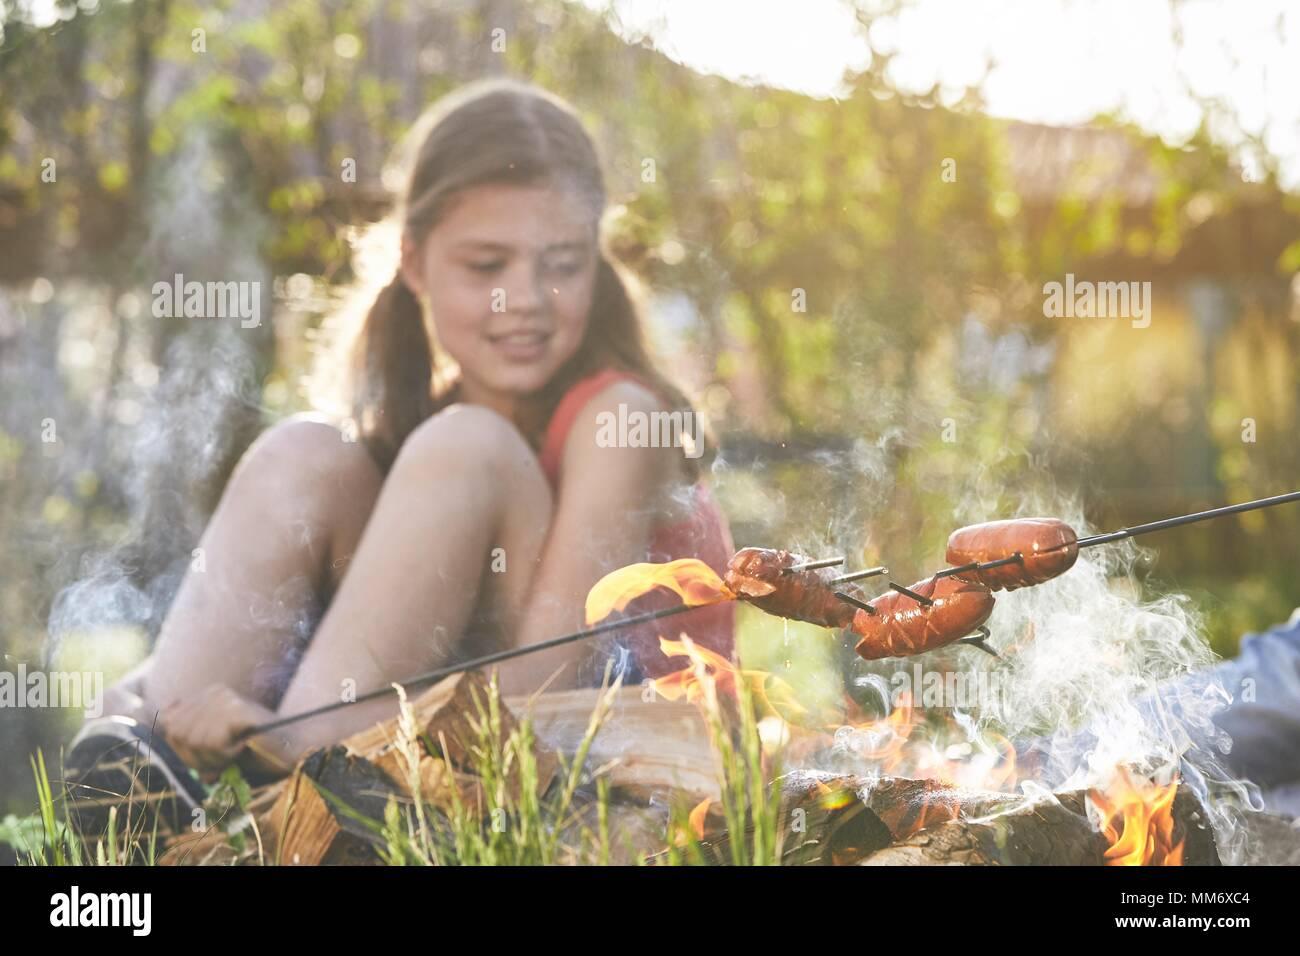 Kinder genießen, Lagerfeuer. Toasten Mädchen Würstchen auf den Garten. Stockbild